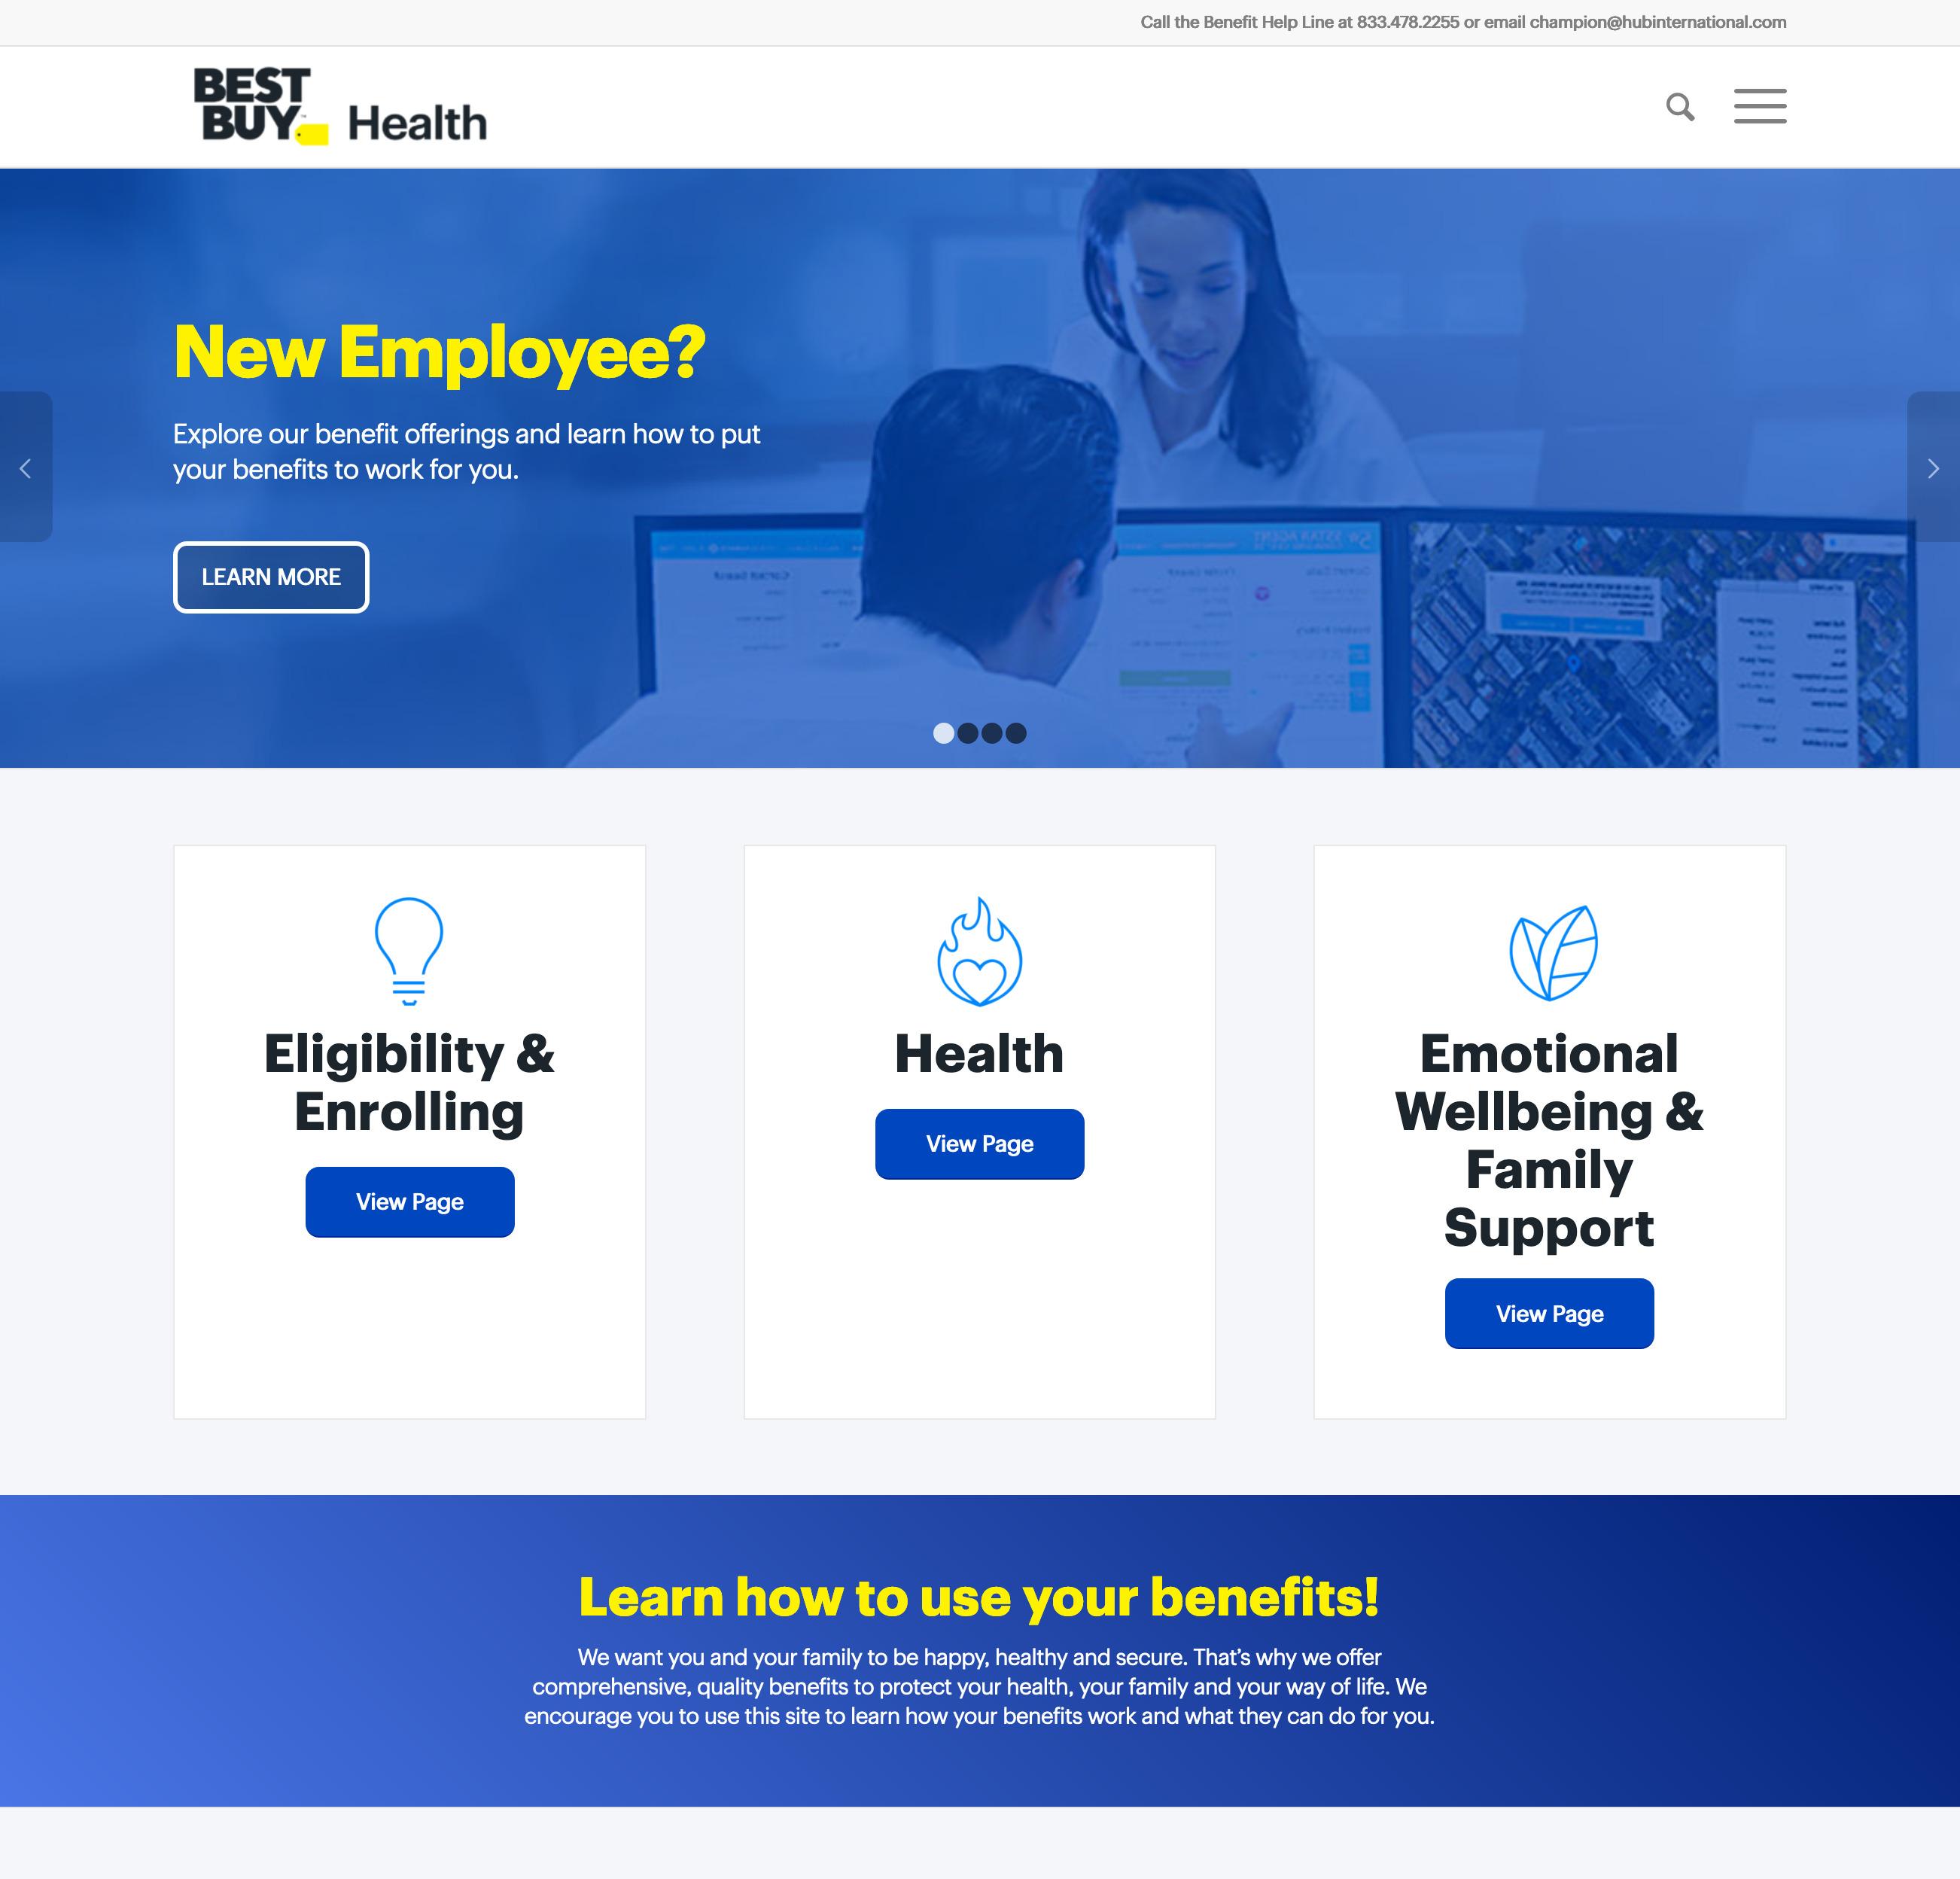 Best Buy Health Website